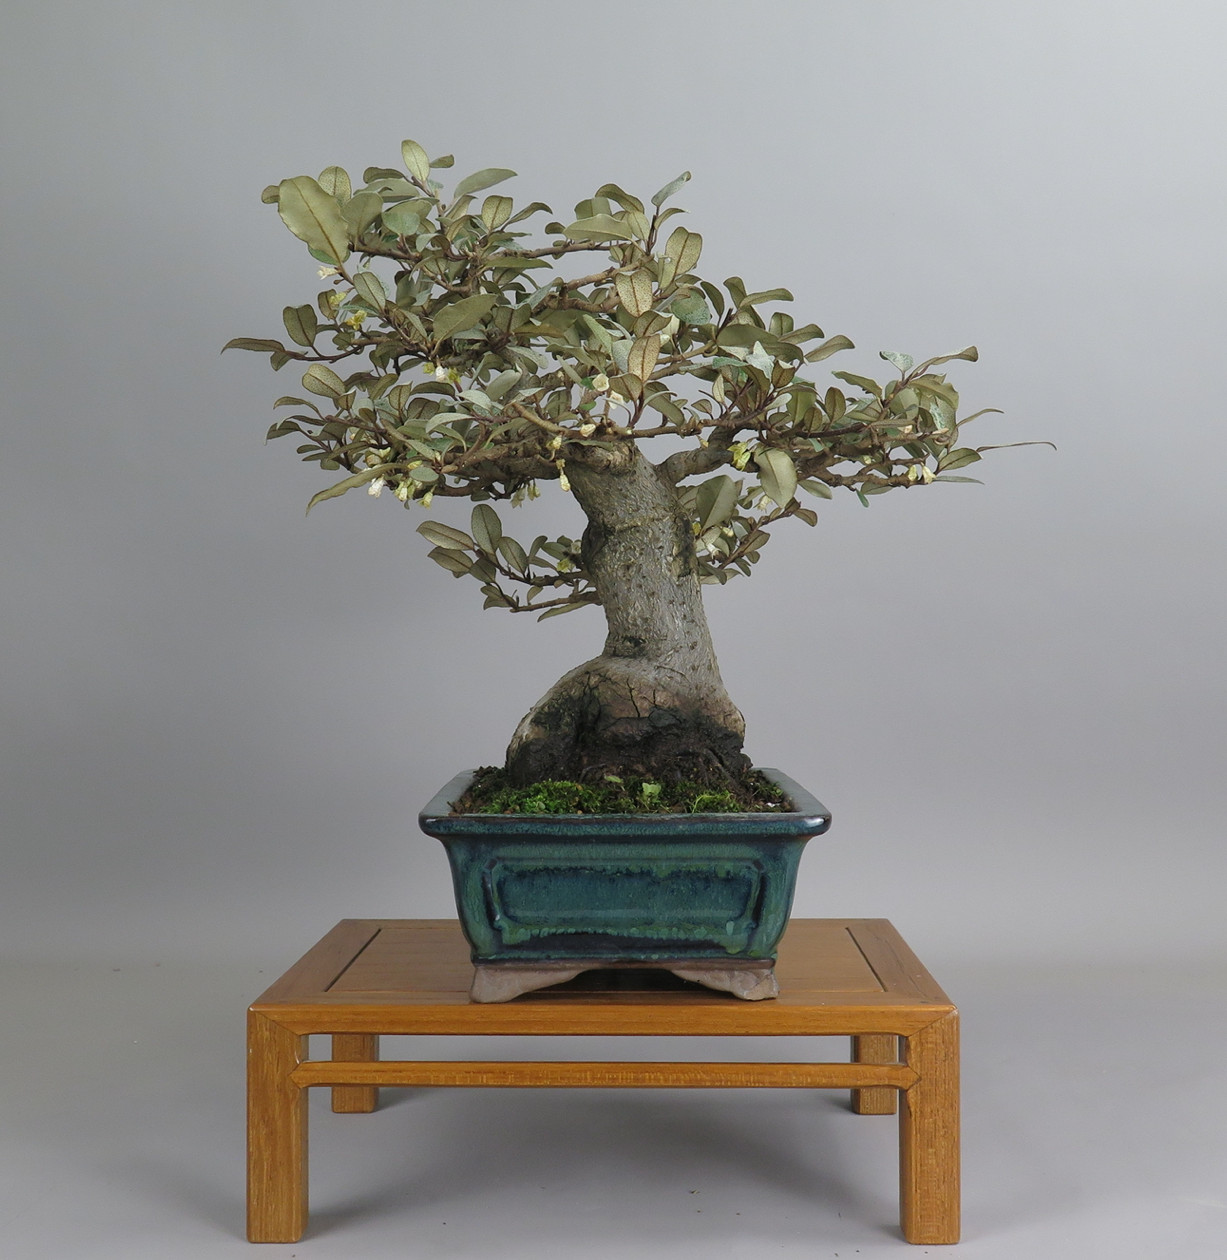 Bonsai de eleagno, lateral izquierdo